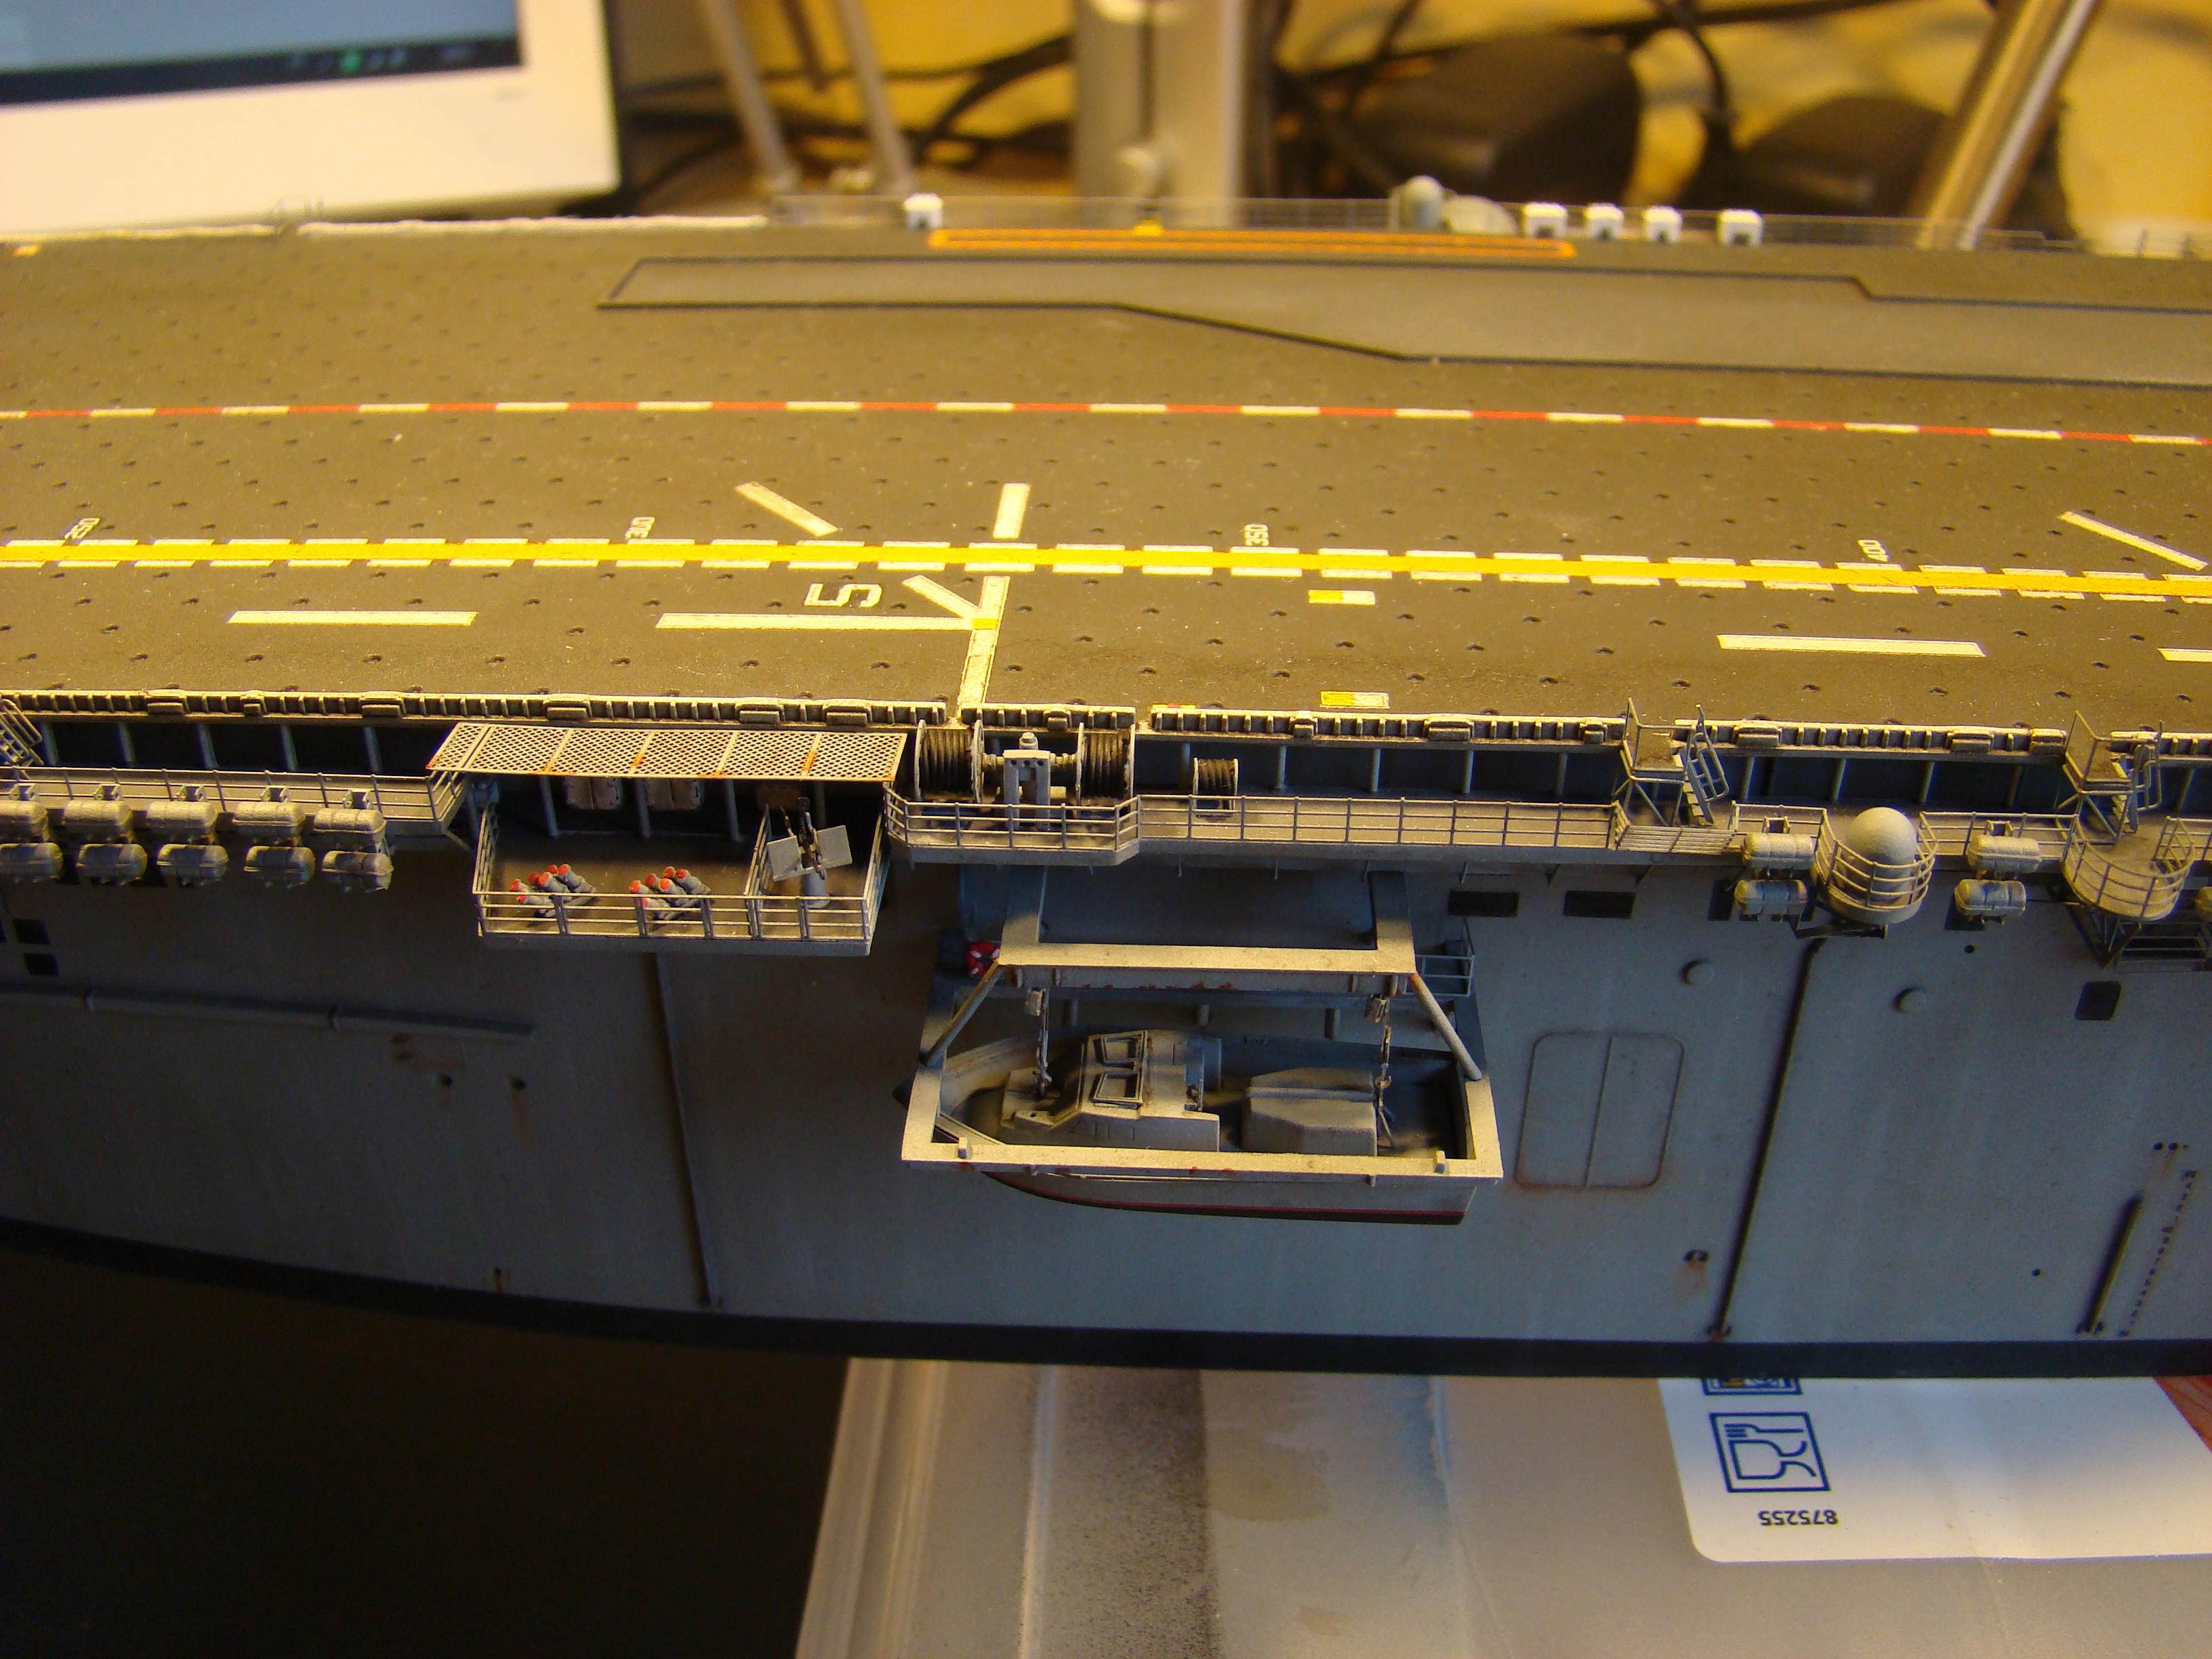 USS WASP LHD-1 au 1/350ème par nova73 - Page 8 Dsc09105n